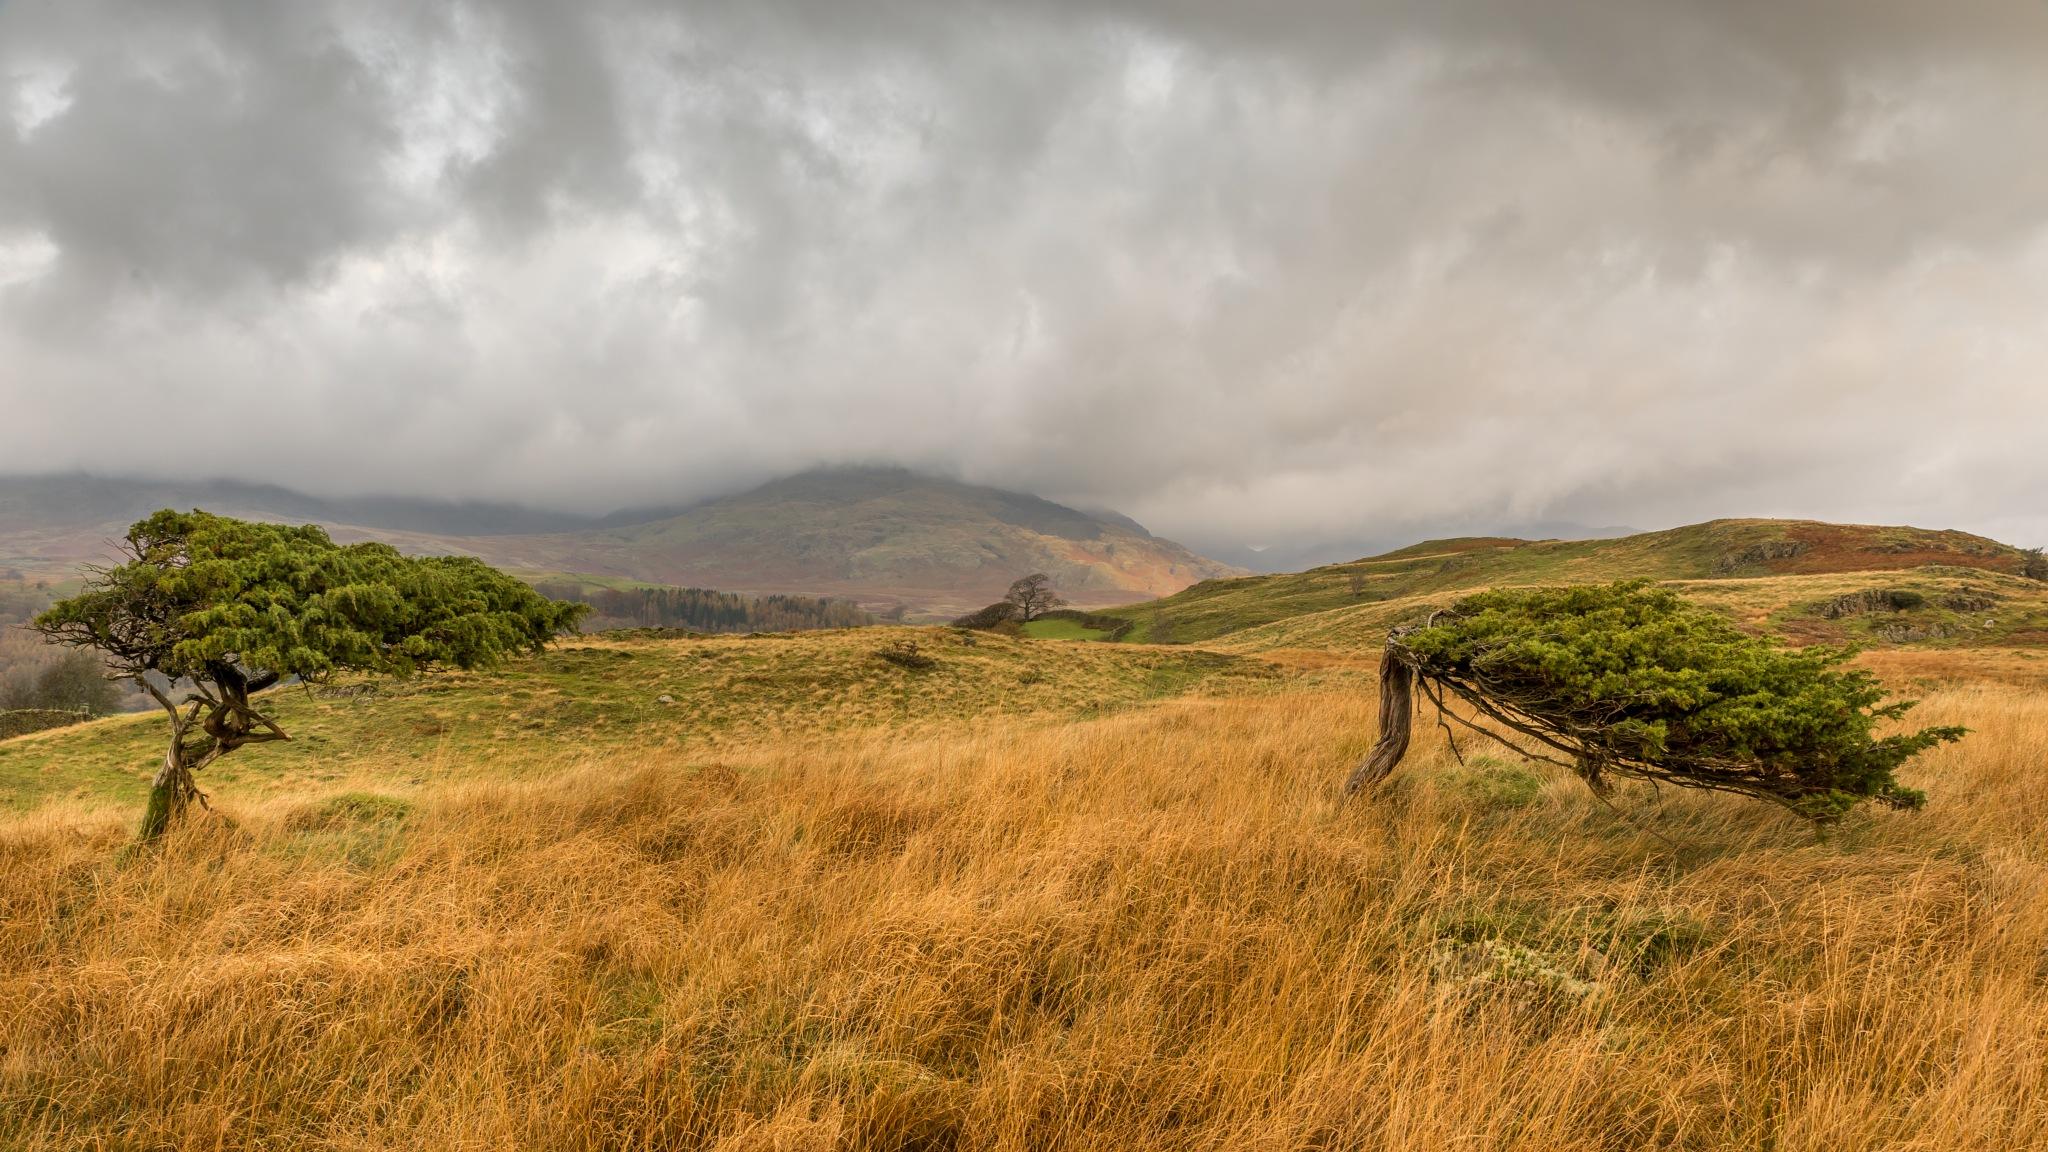 Wind-blown by Stephen Hammond